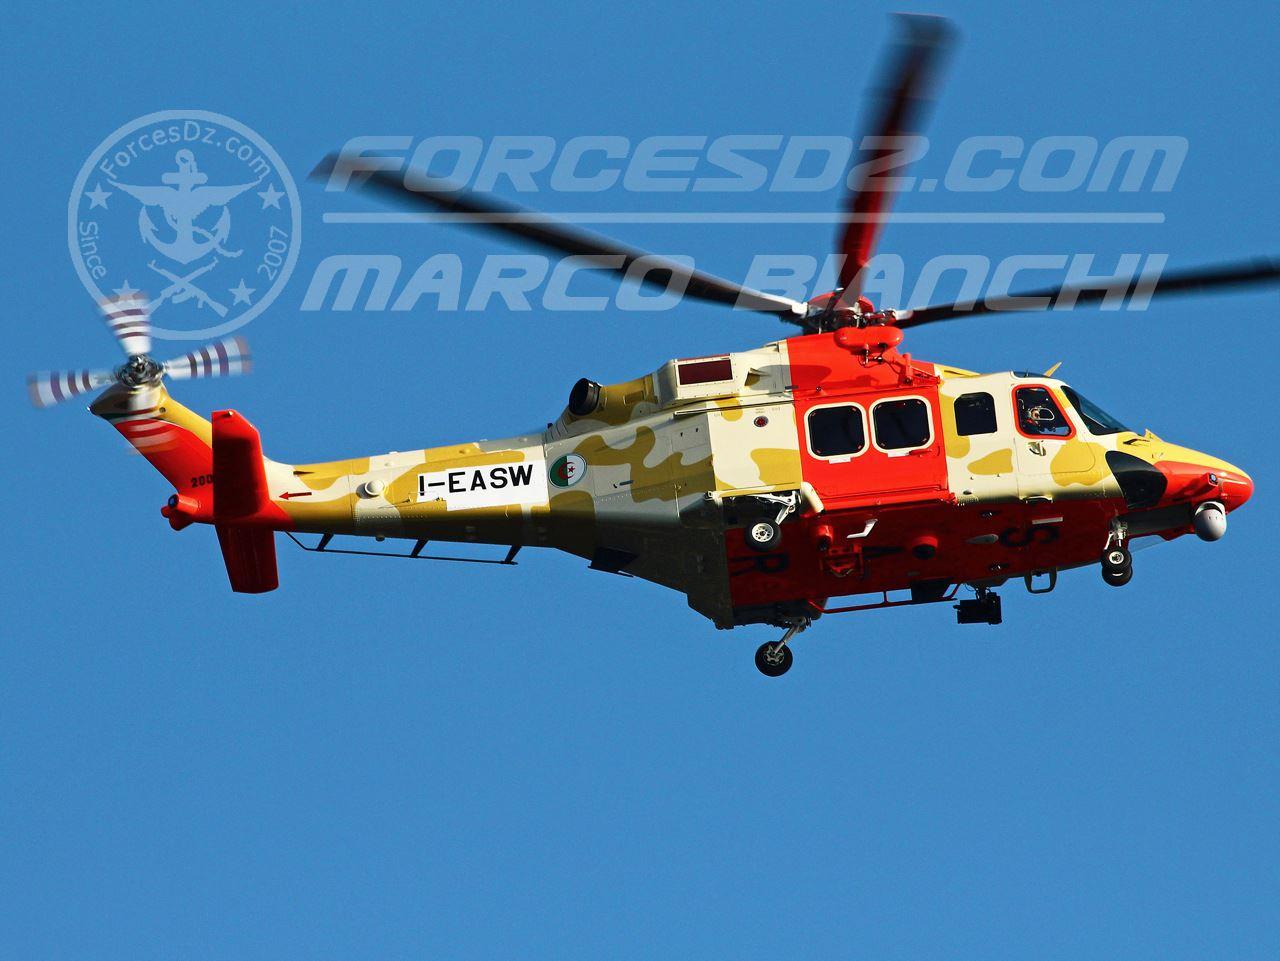 صور مروحيات القوات الجوية الجزائرية  [ AW-139 SAR ] - صفحة 2 25385244033_efec55a8b7_o